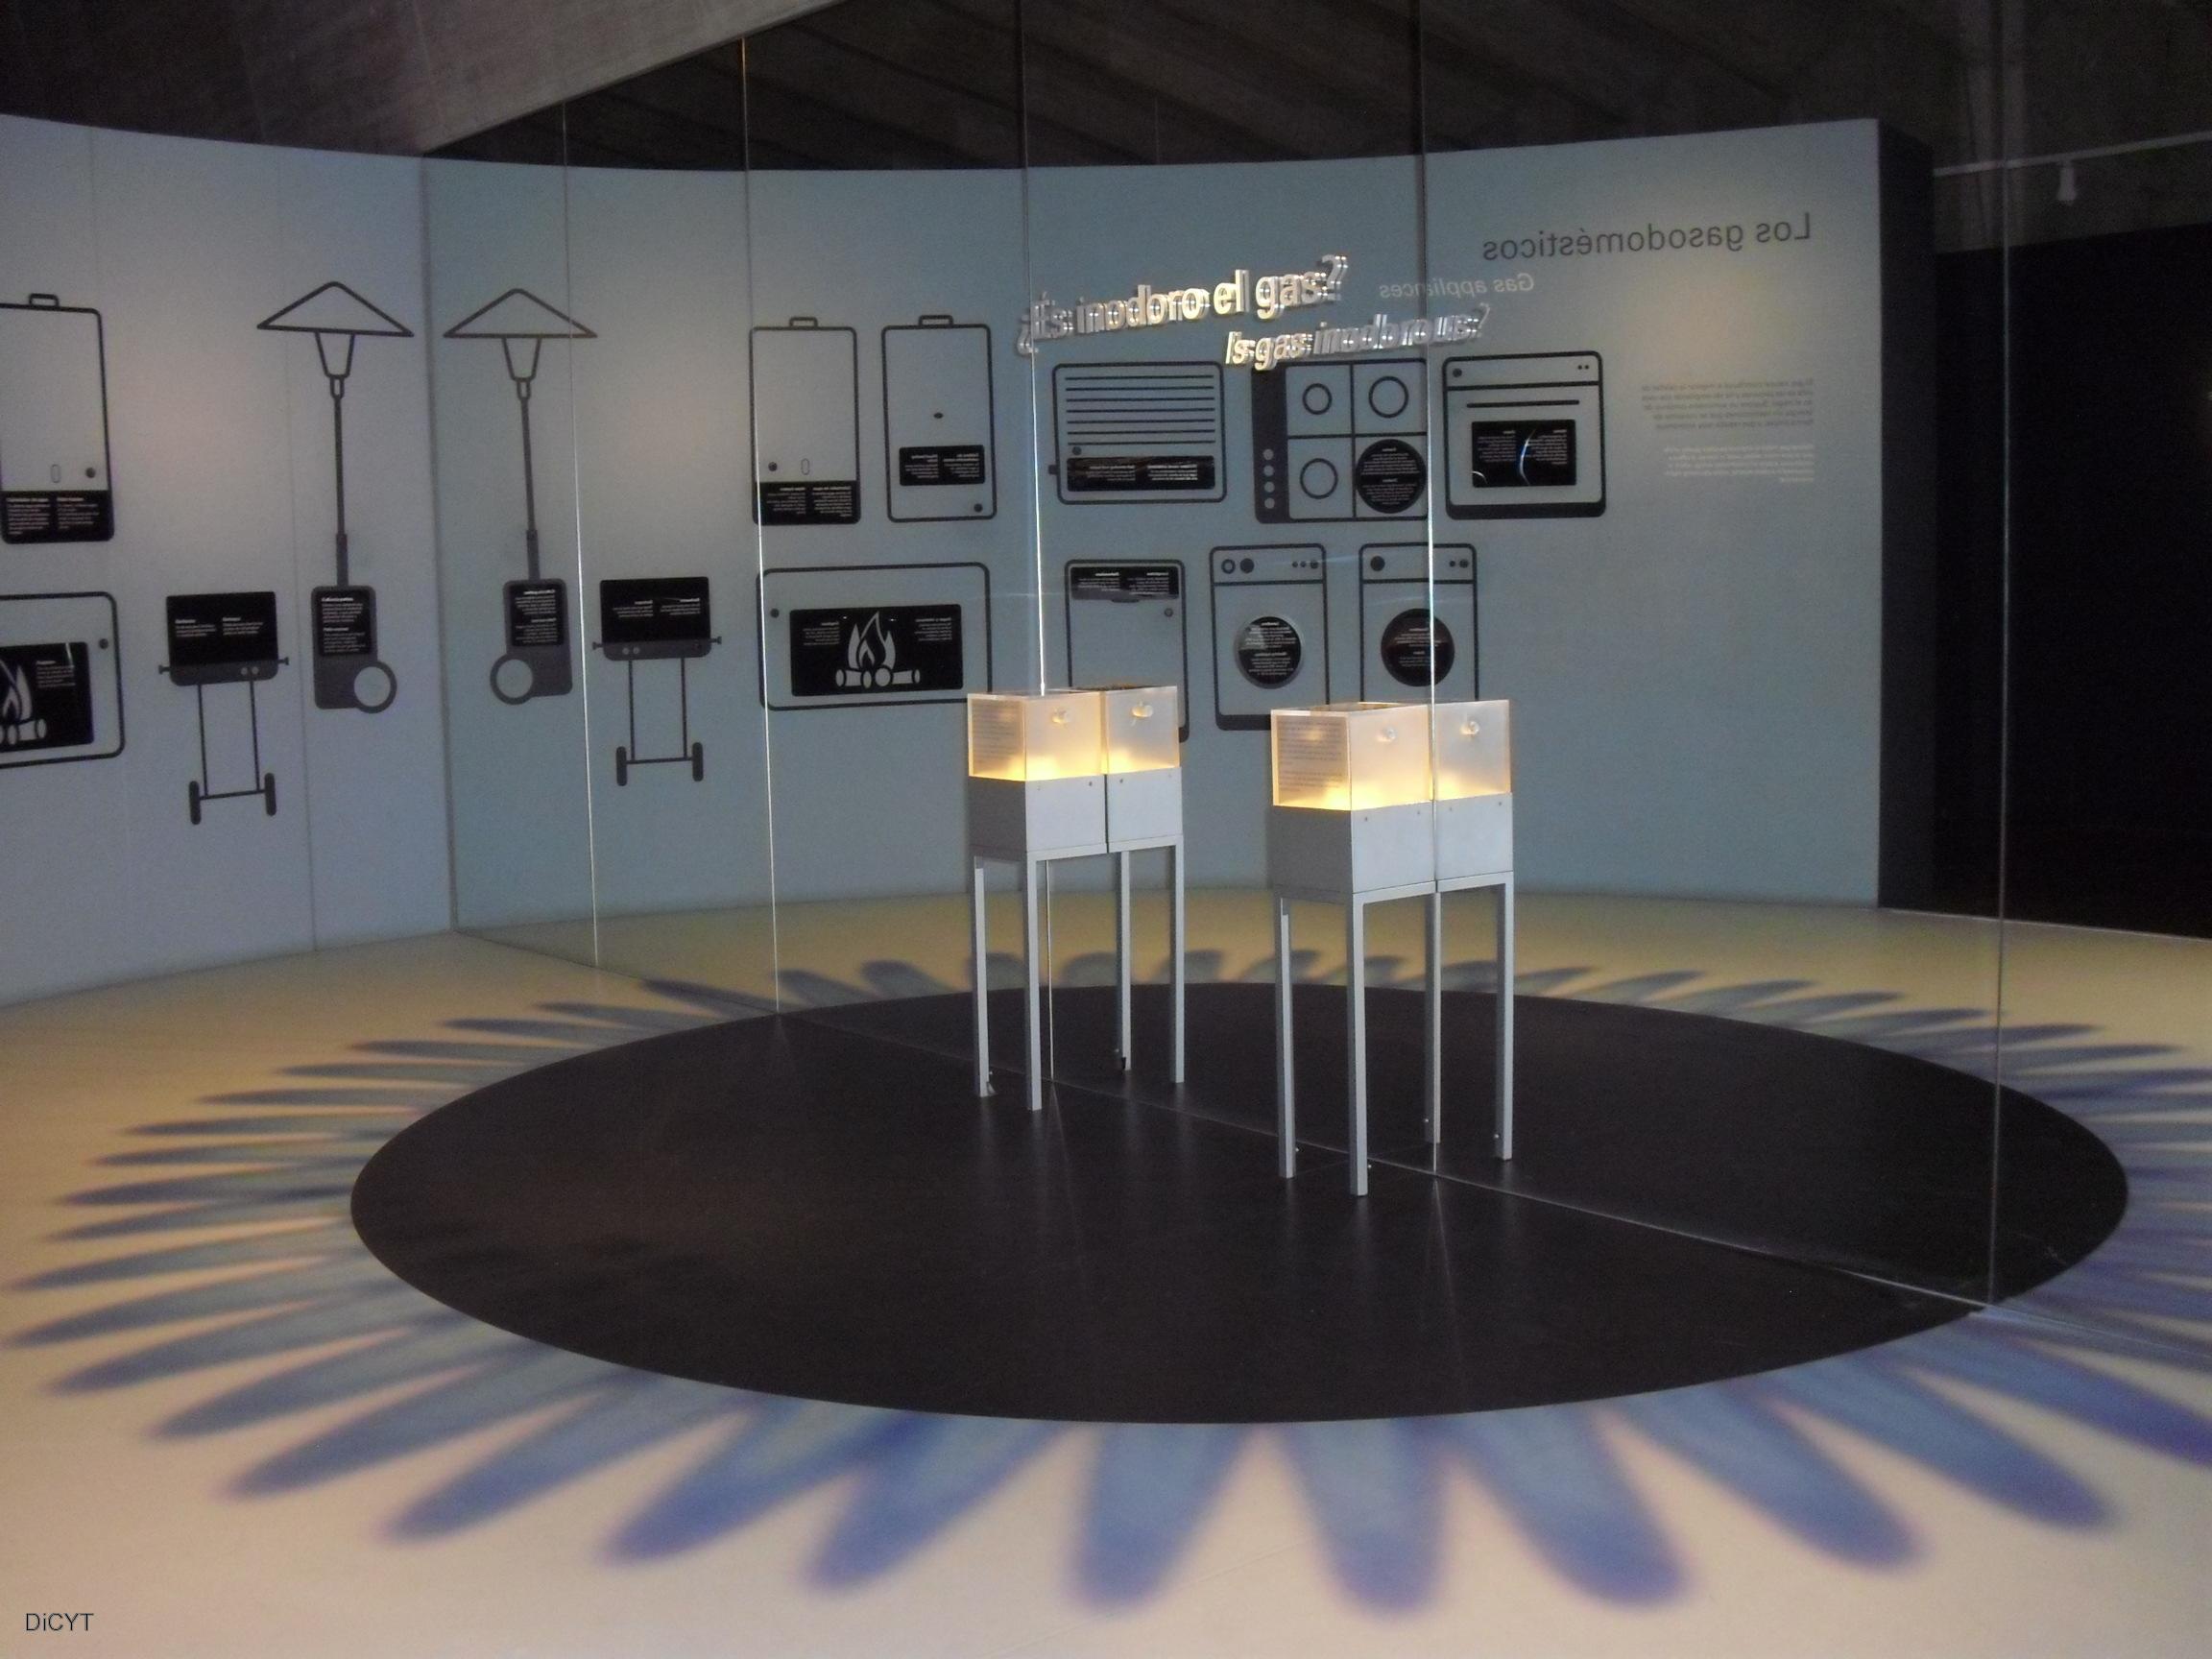 Espacio expositivo sobre el gas natural del museo de la for Oficina gas natural valladolid